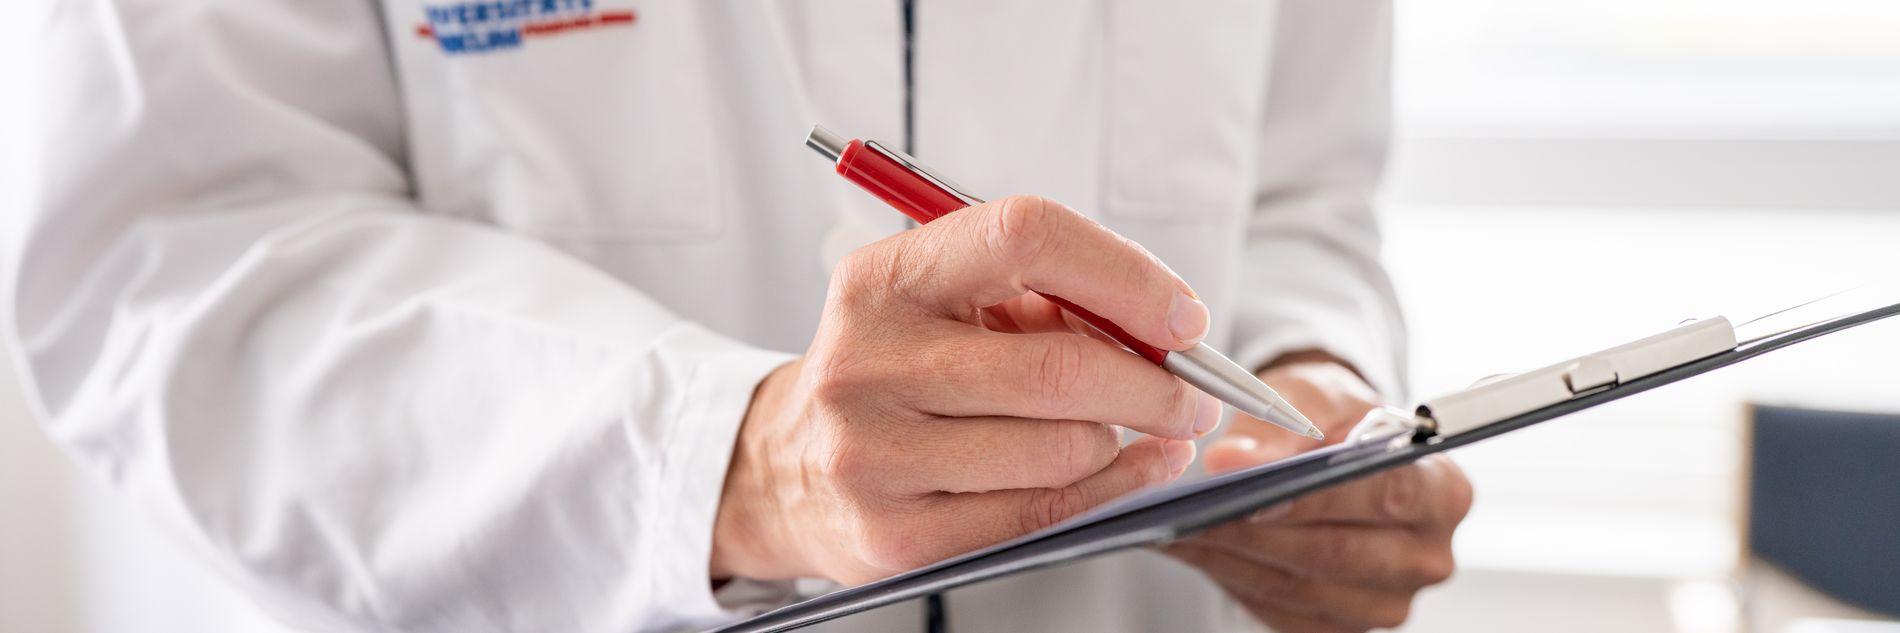 Arzt macht Notizen auf Klemmbrett